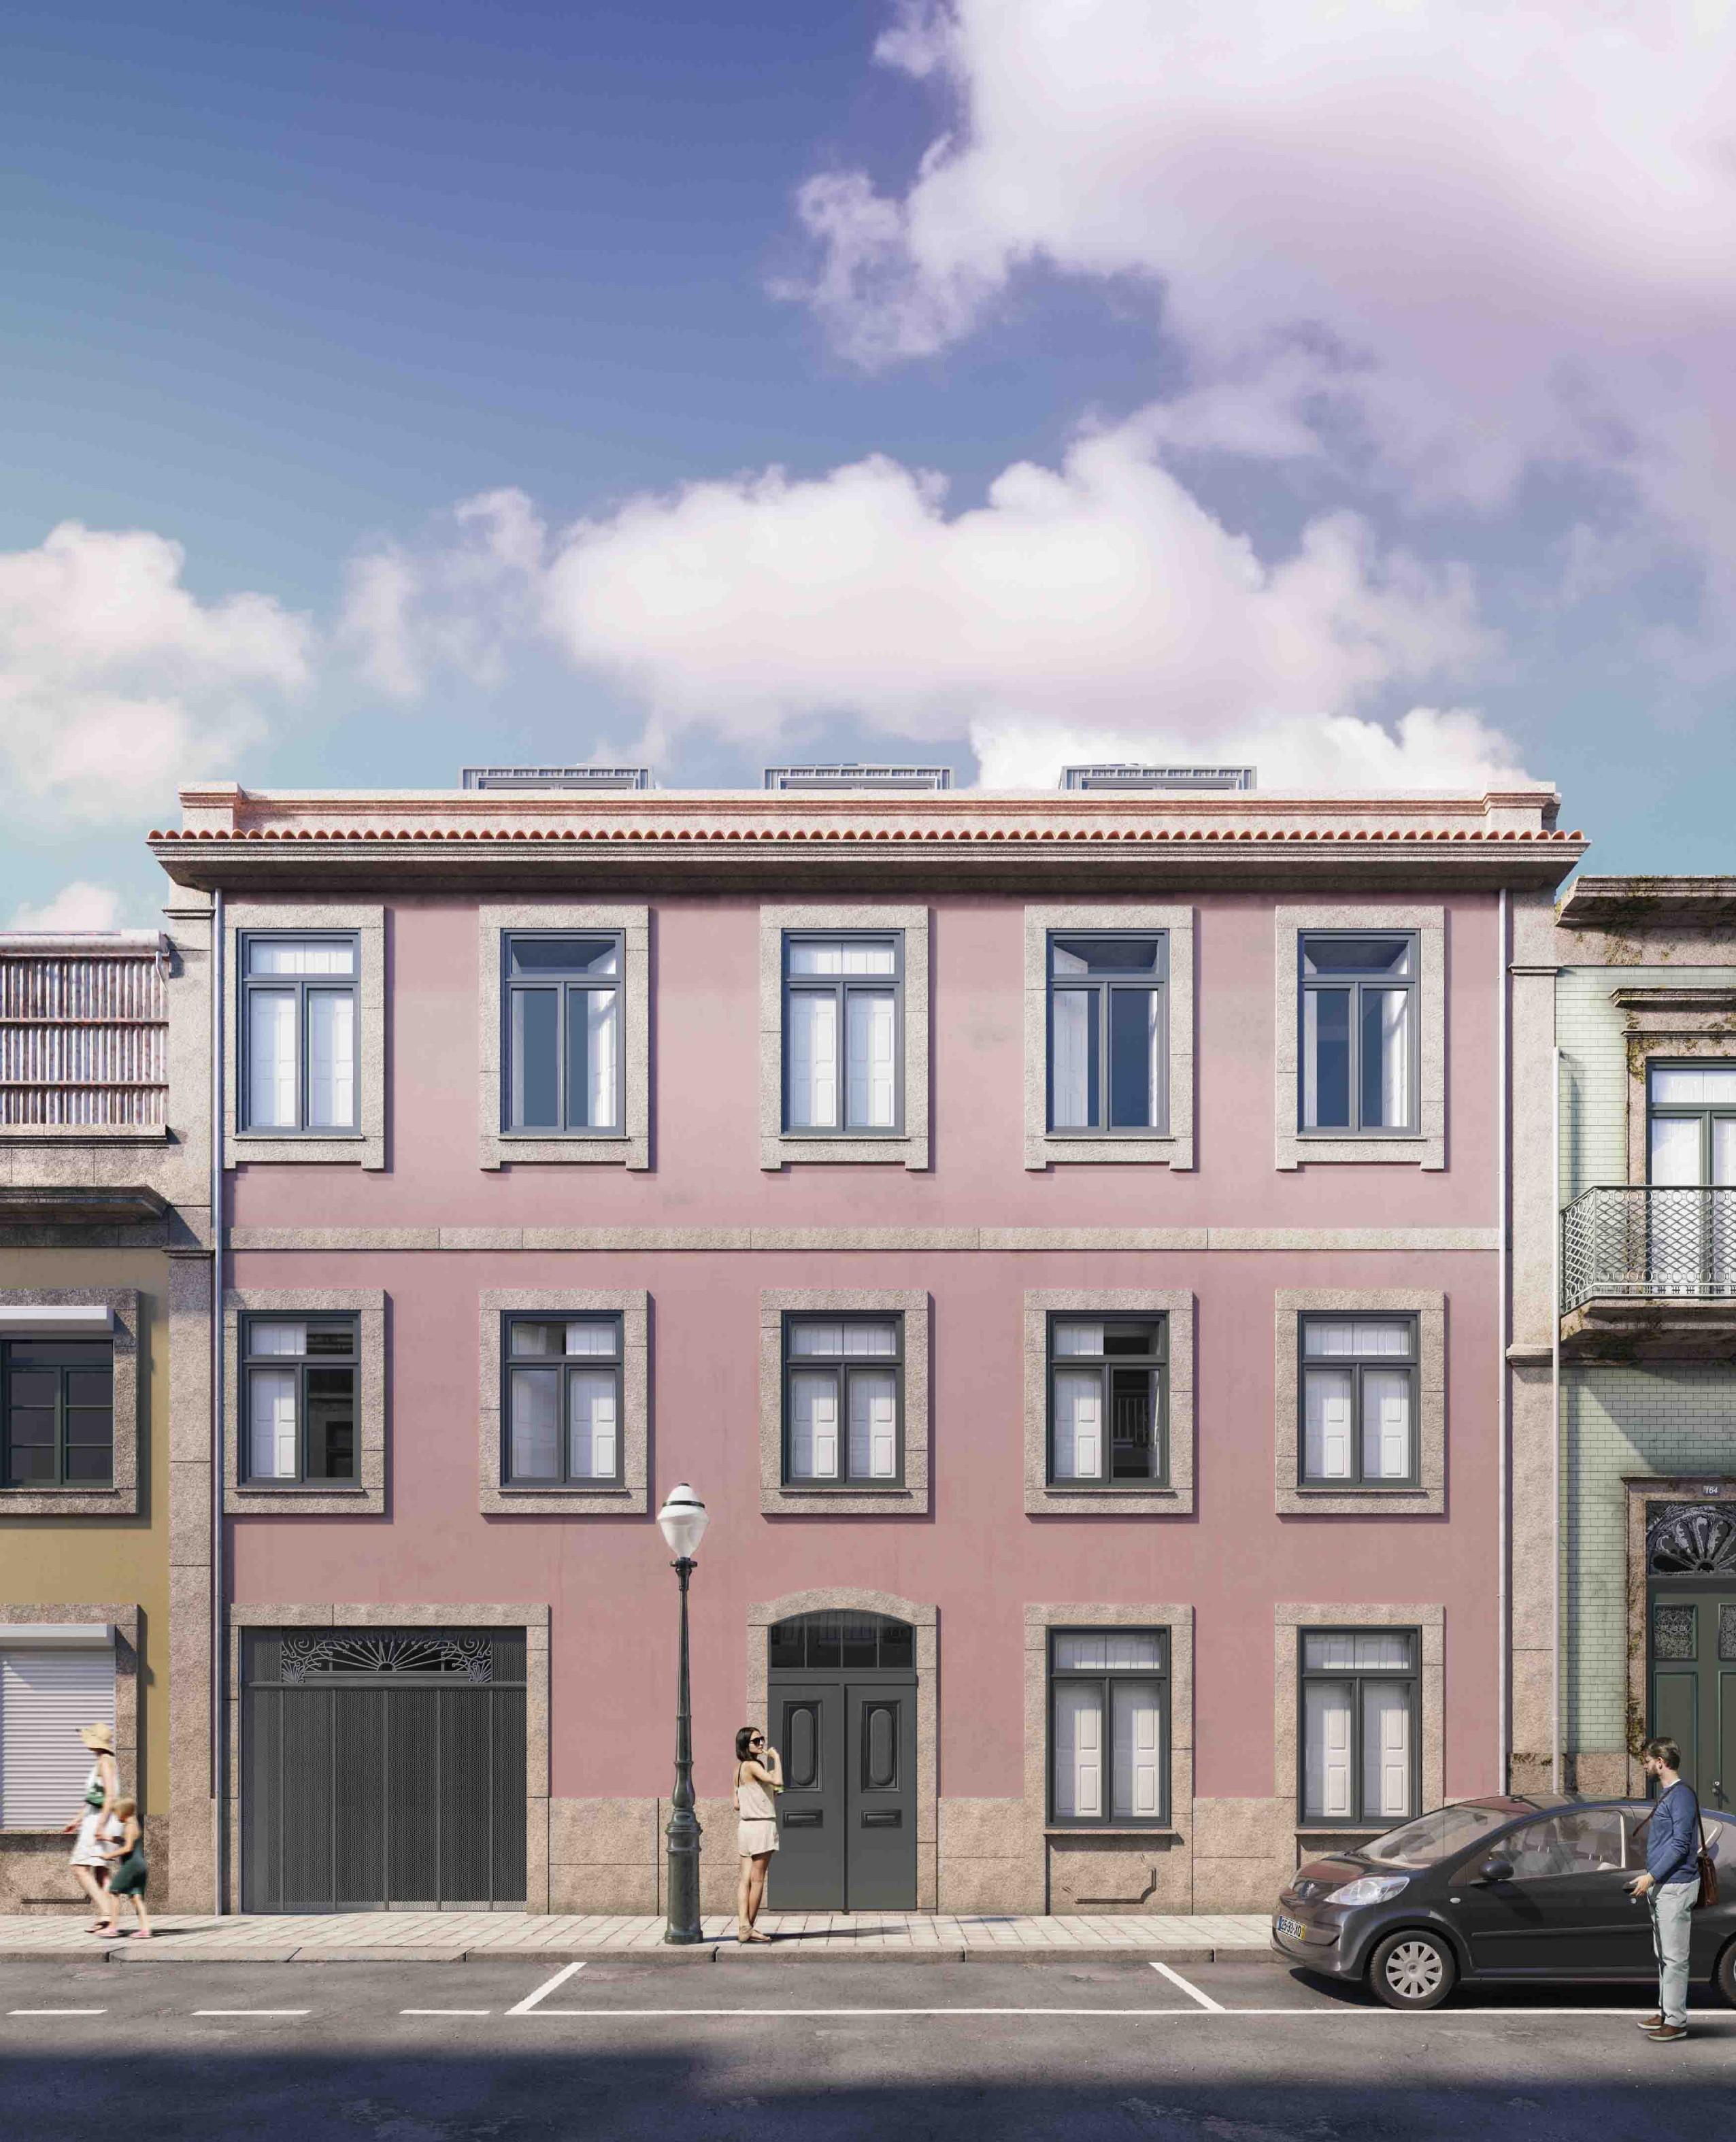 Empreendimento está situado plena Baixa do Porto, na Rua do Breiner